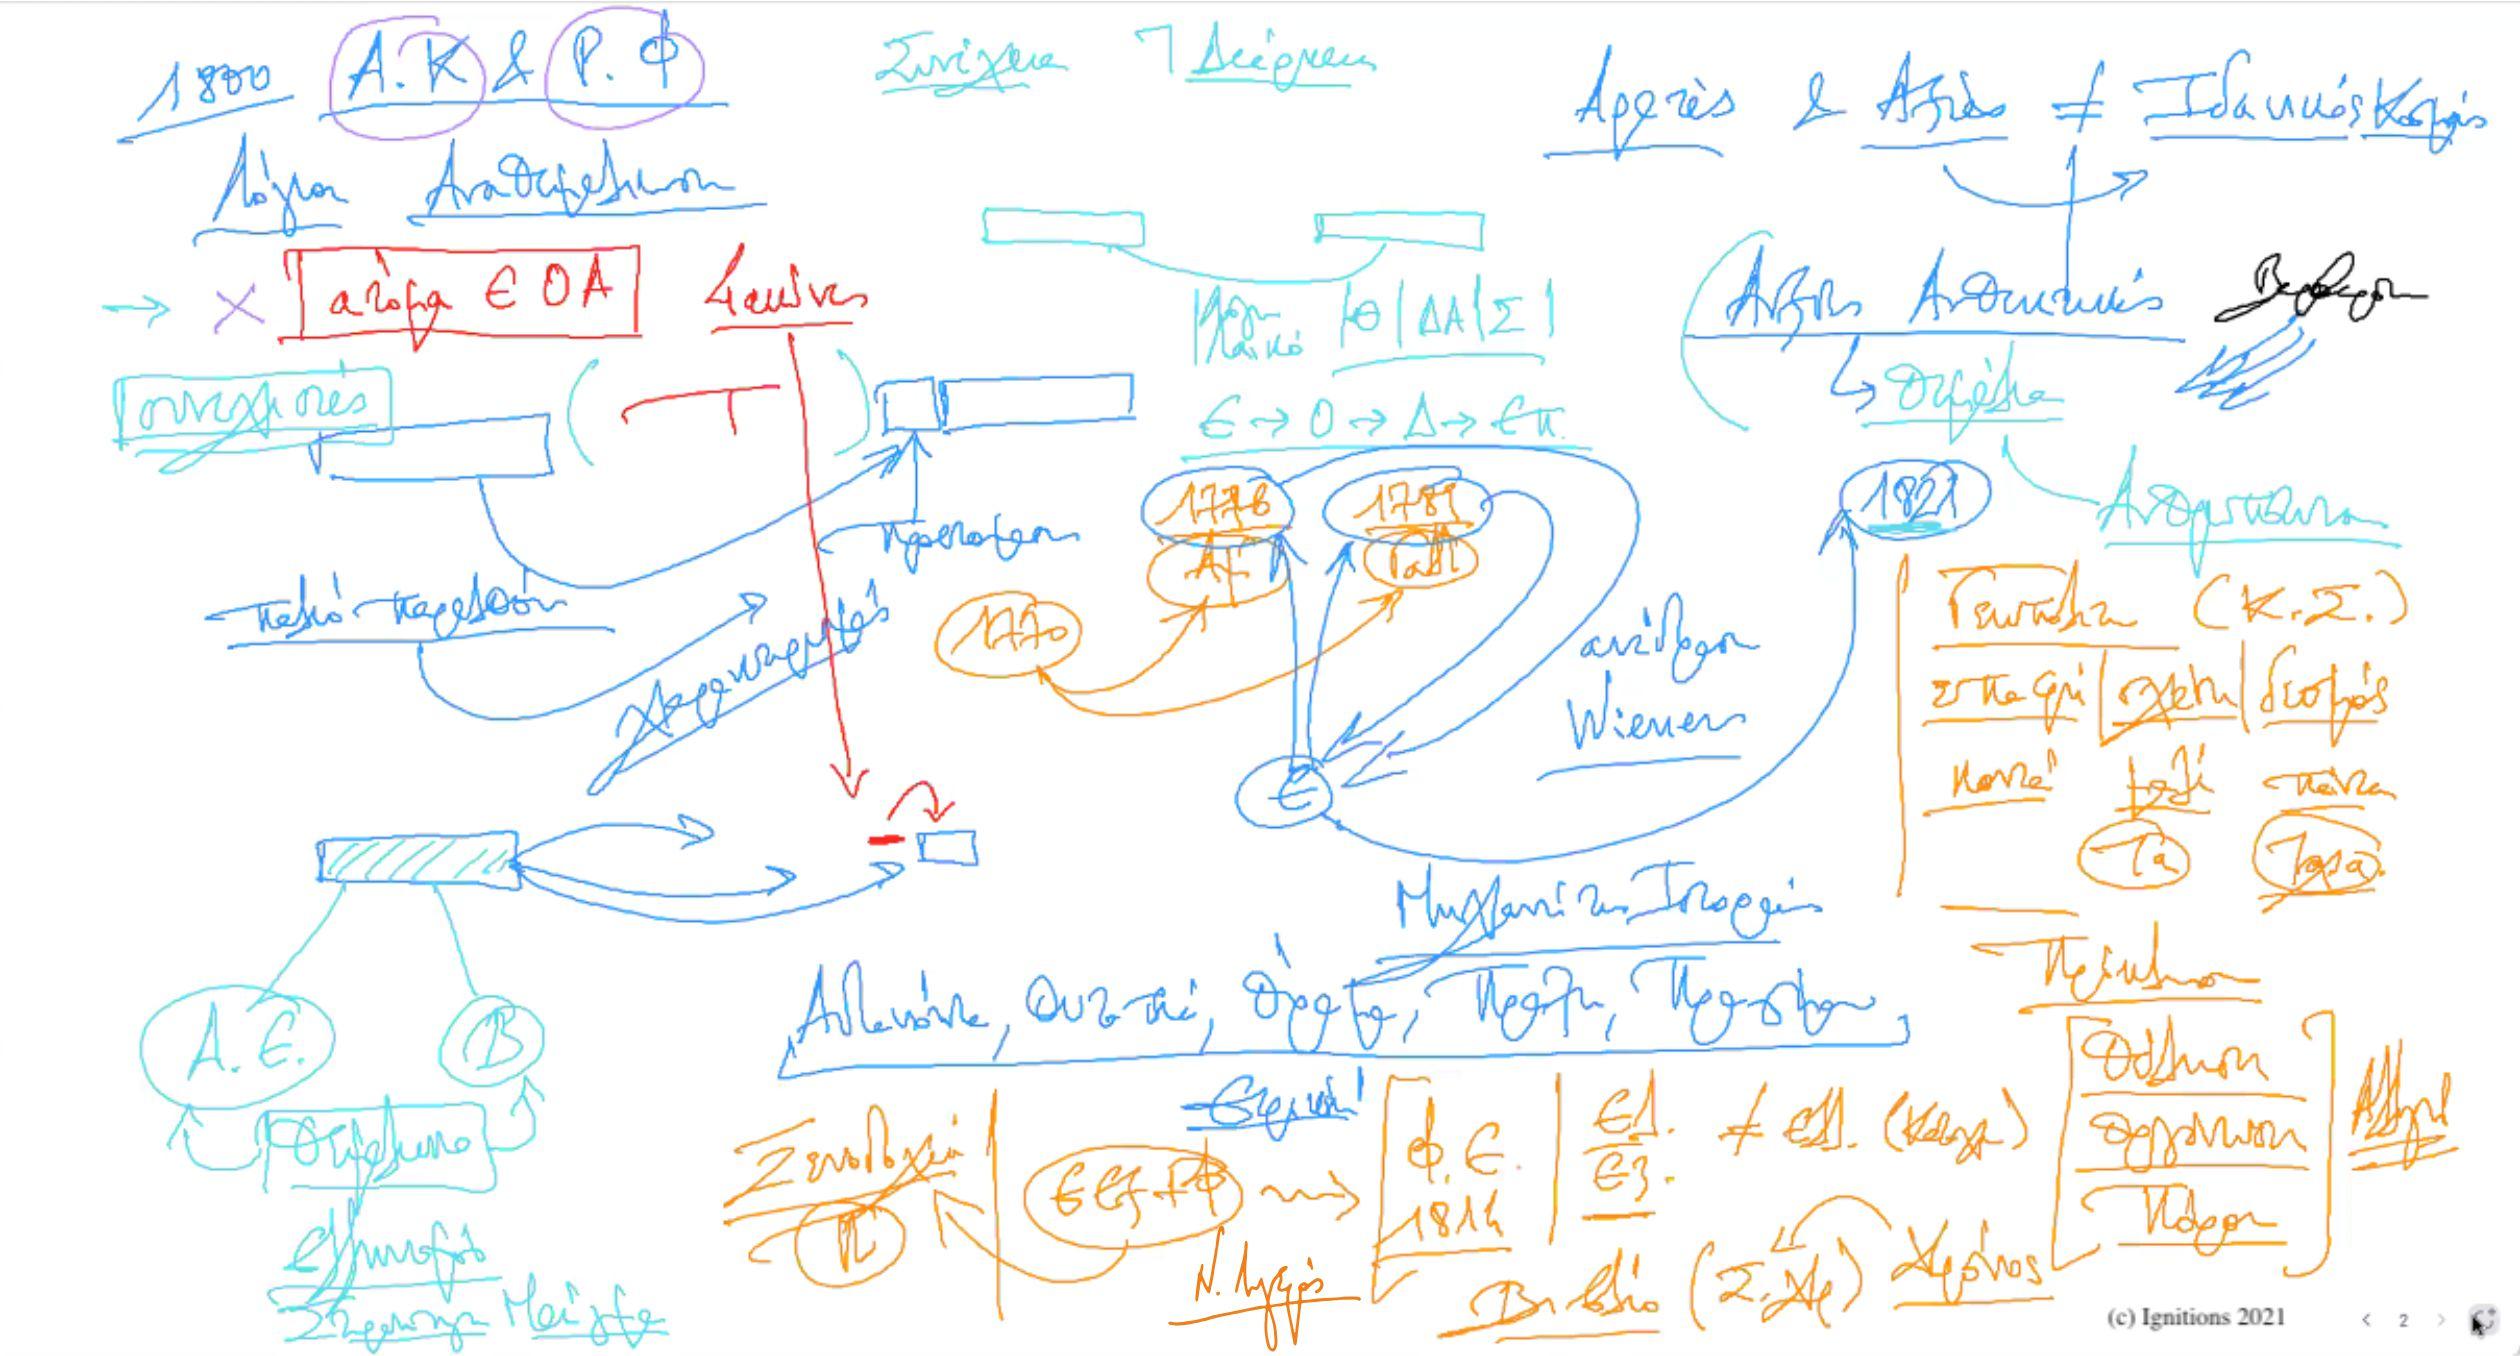 60367 - II - e-Διάλεξη: Η Αρετή του Έλληνα στα χρόνια της Επανάστασης και η συνέχειά του στο παρόν και το μέλλον. (Dessin)